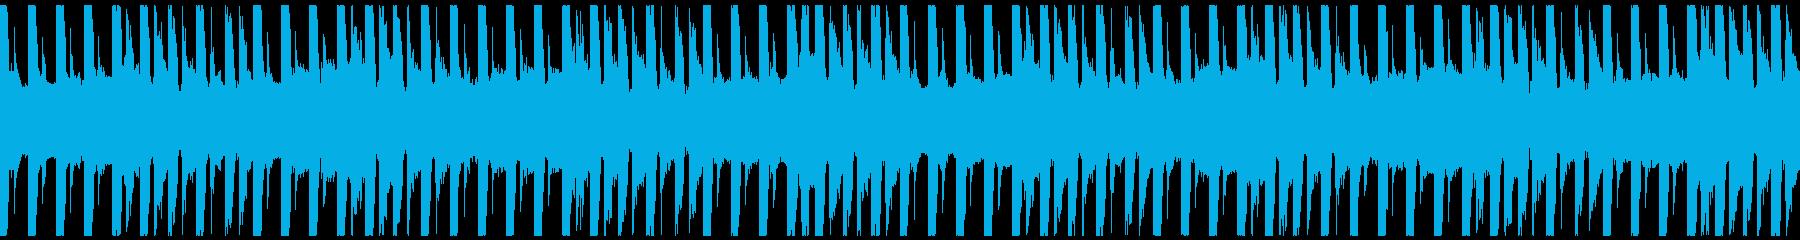 運動・フィットネス/30秒ループ曲2の再生済みの波形